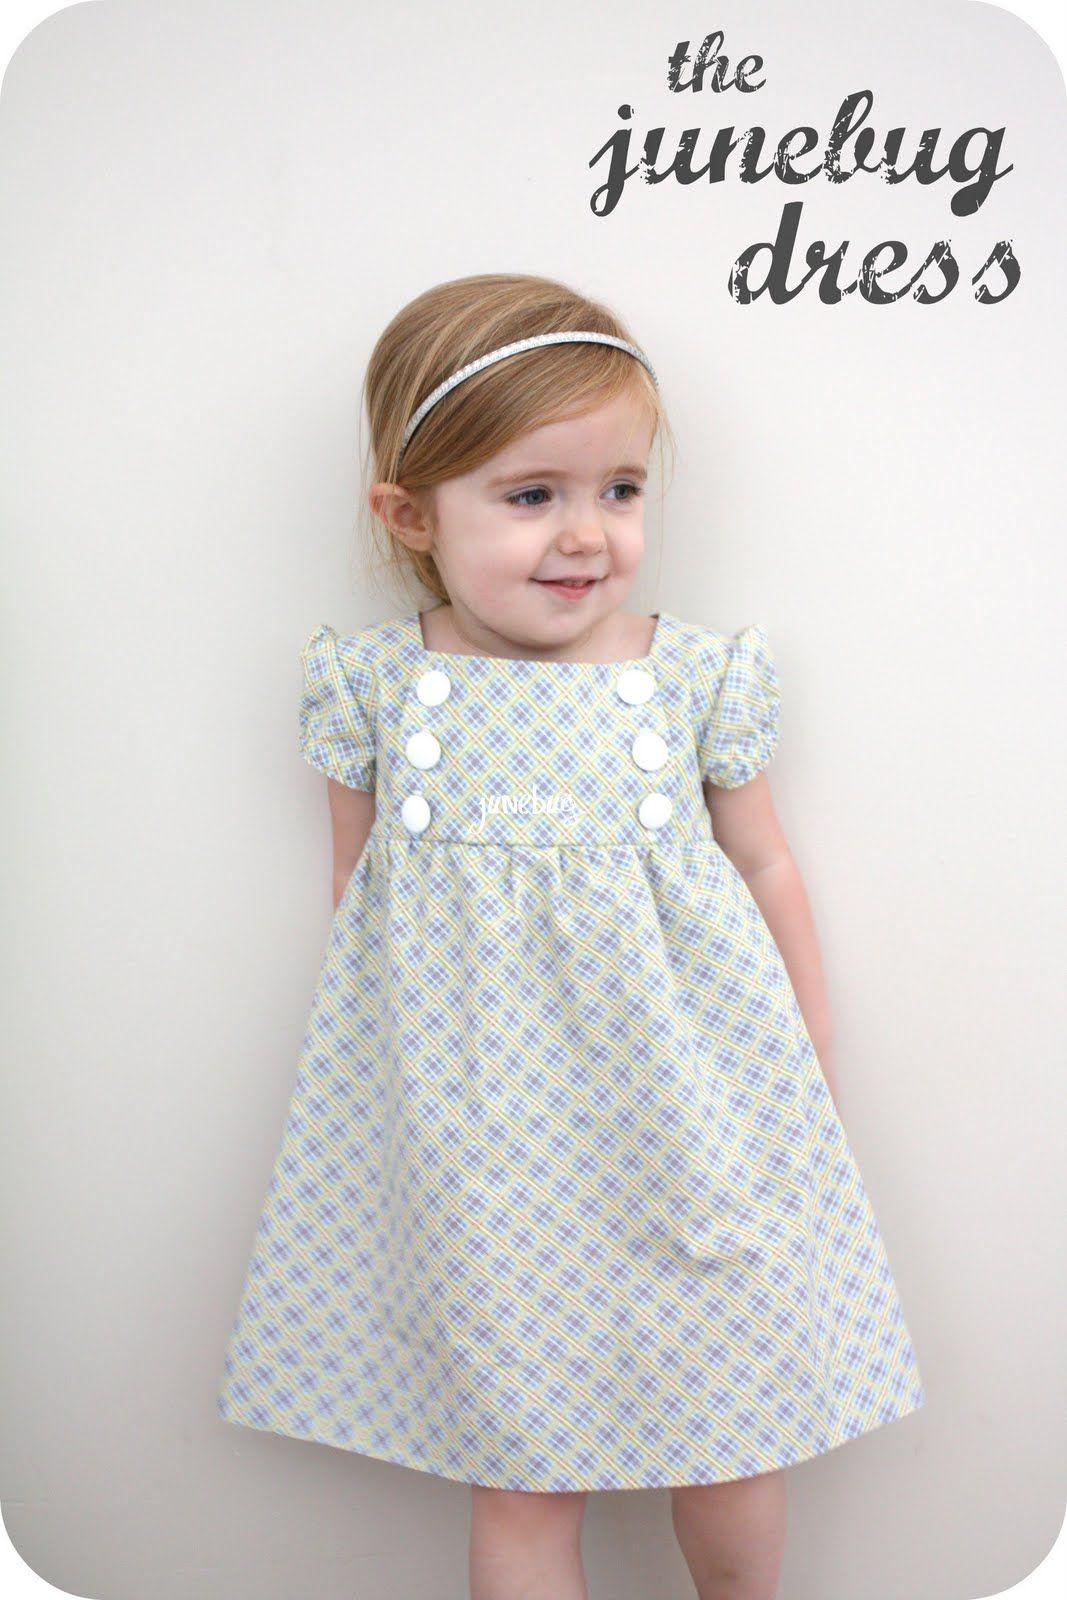 Hochzeitskleid? | Nähen | Pinterest | Nähen, Kinderkleidung und ...